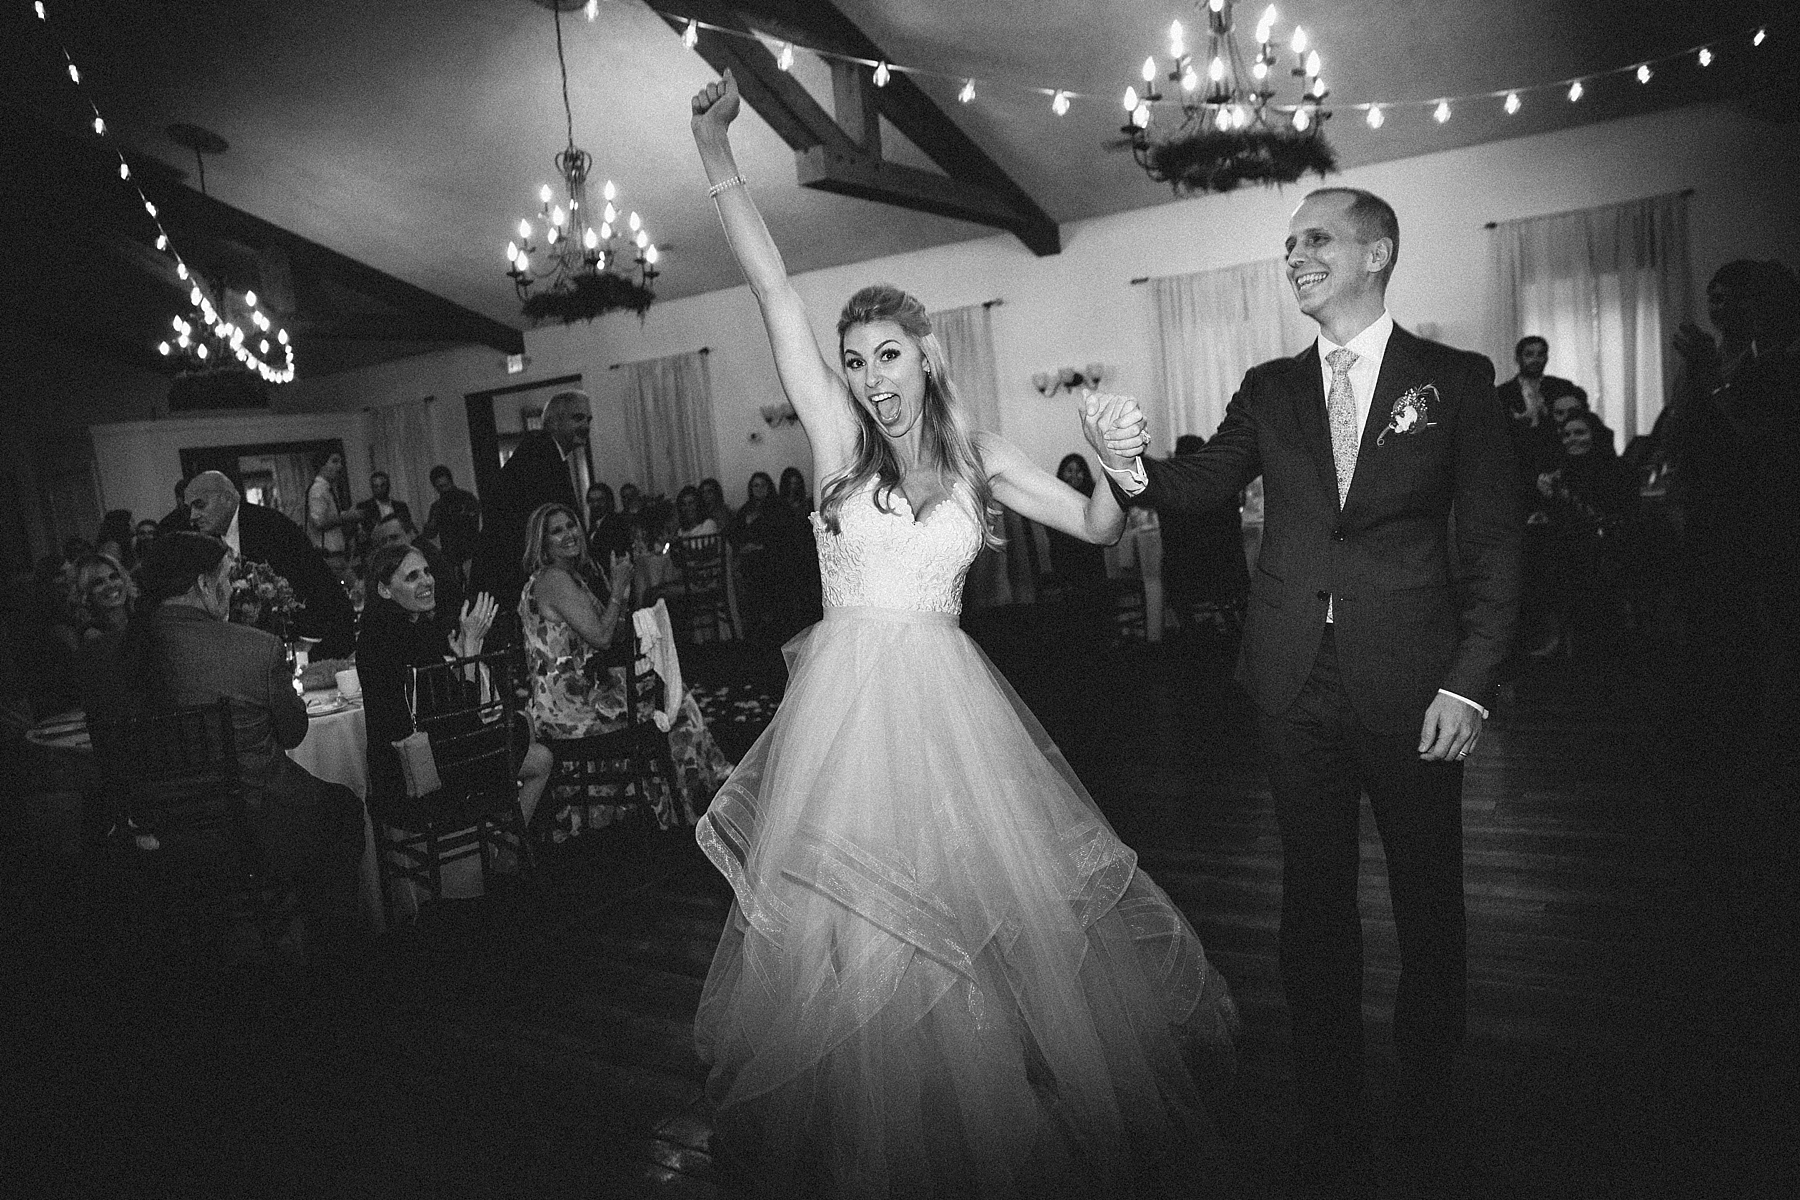 childhood-home-wedding-new-hope-pa-lambertville-nj_0071.jpg